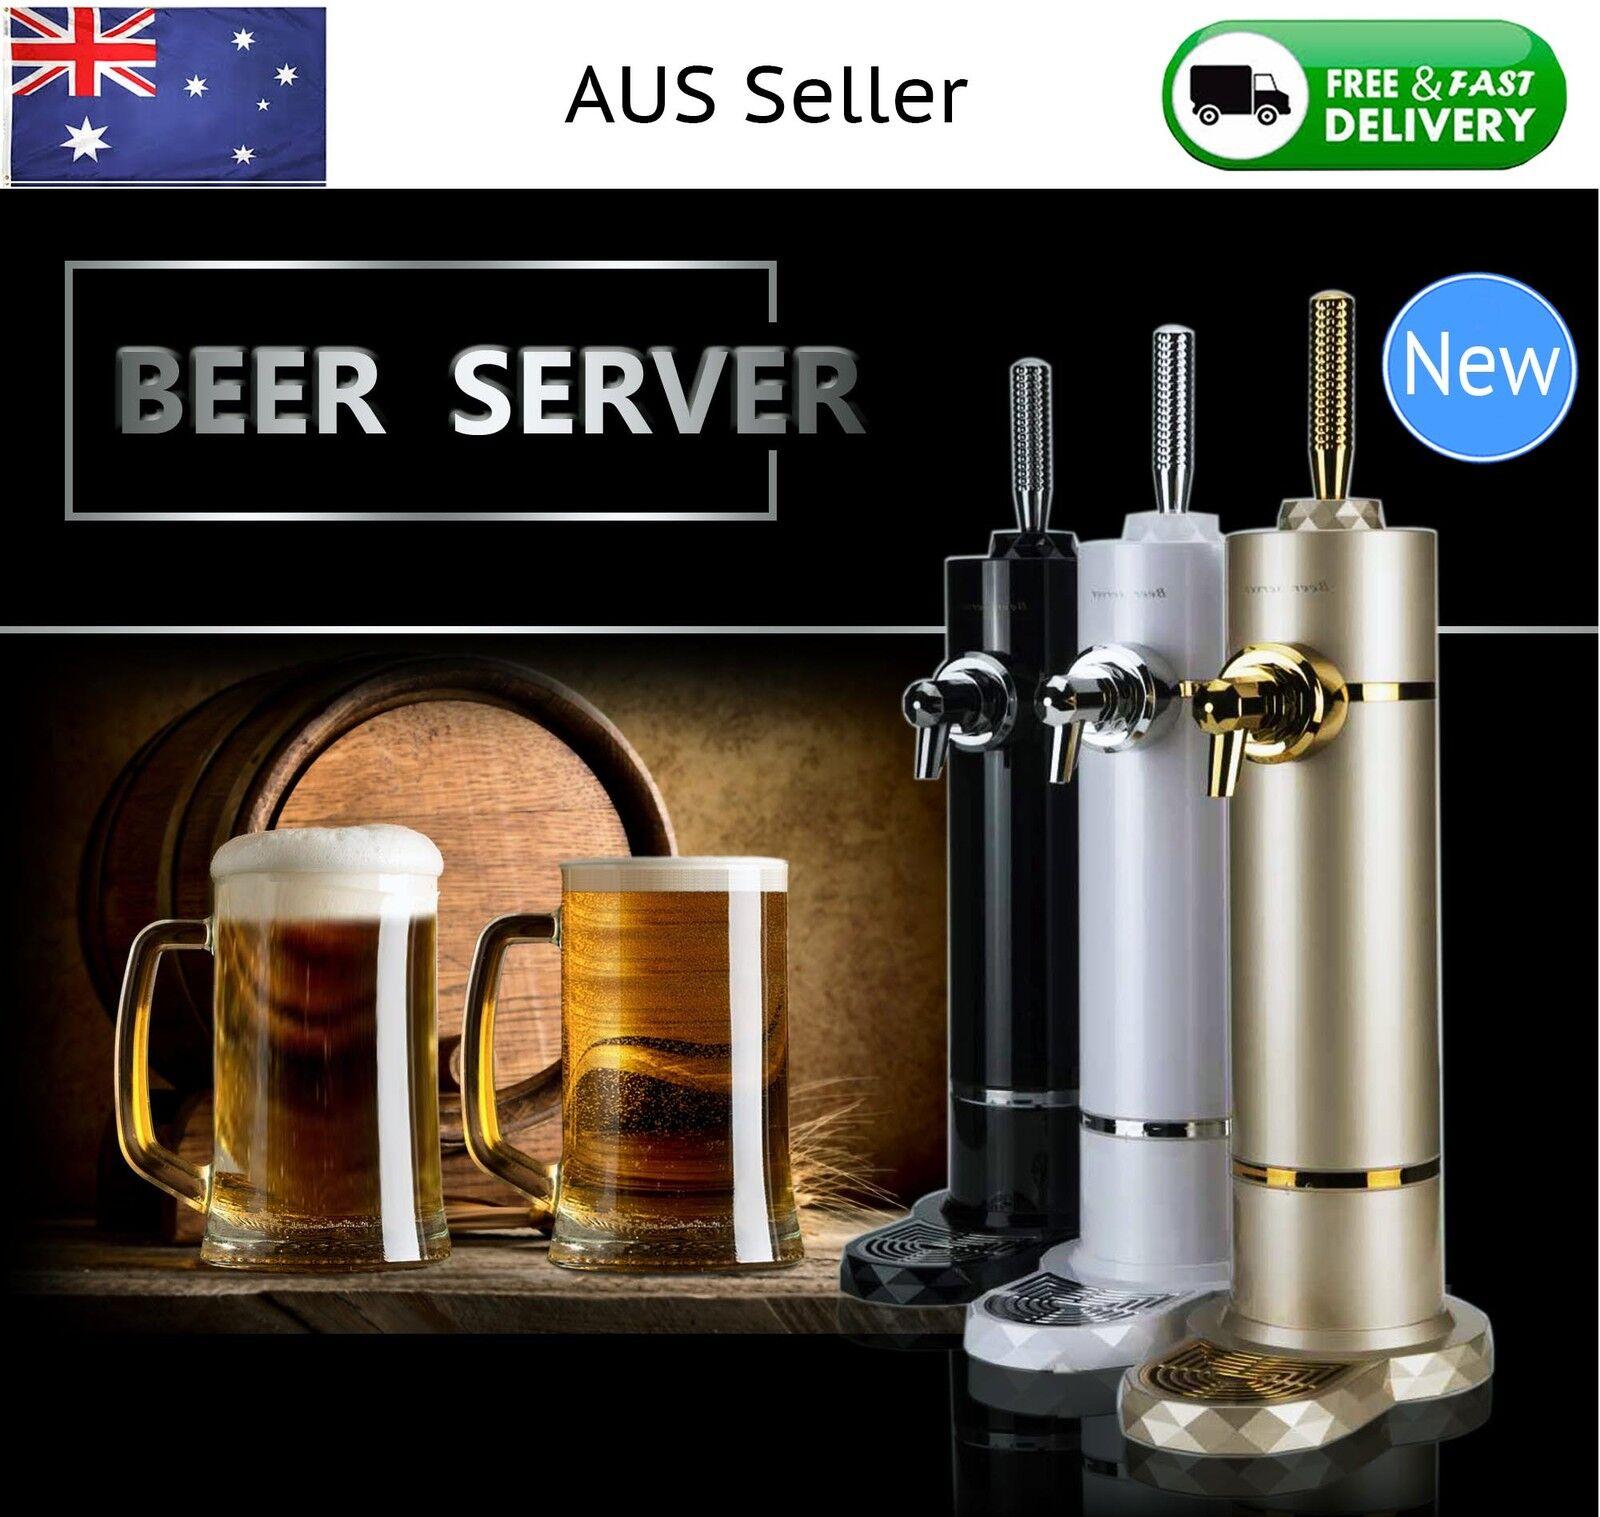 NEW Beer Server Dispenser Premium Super Draft Malts Can Bottle Xmas Day Gift1